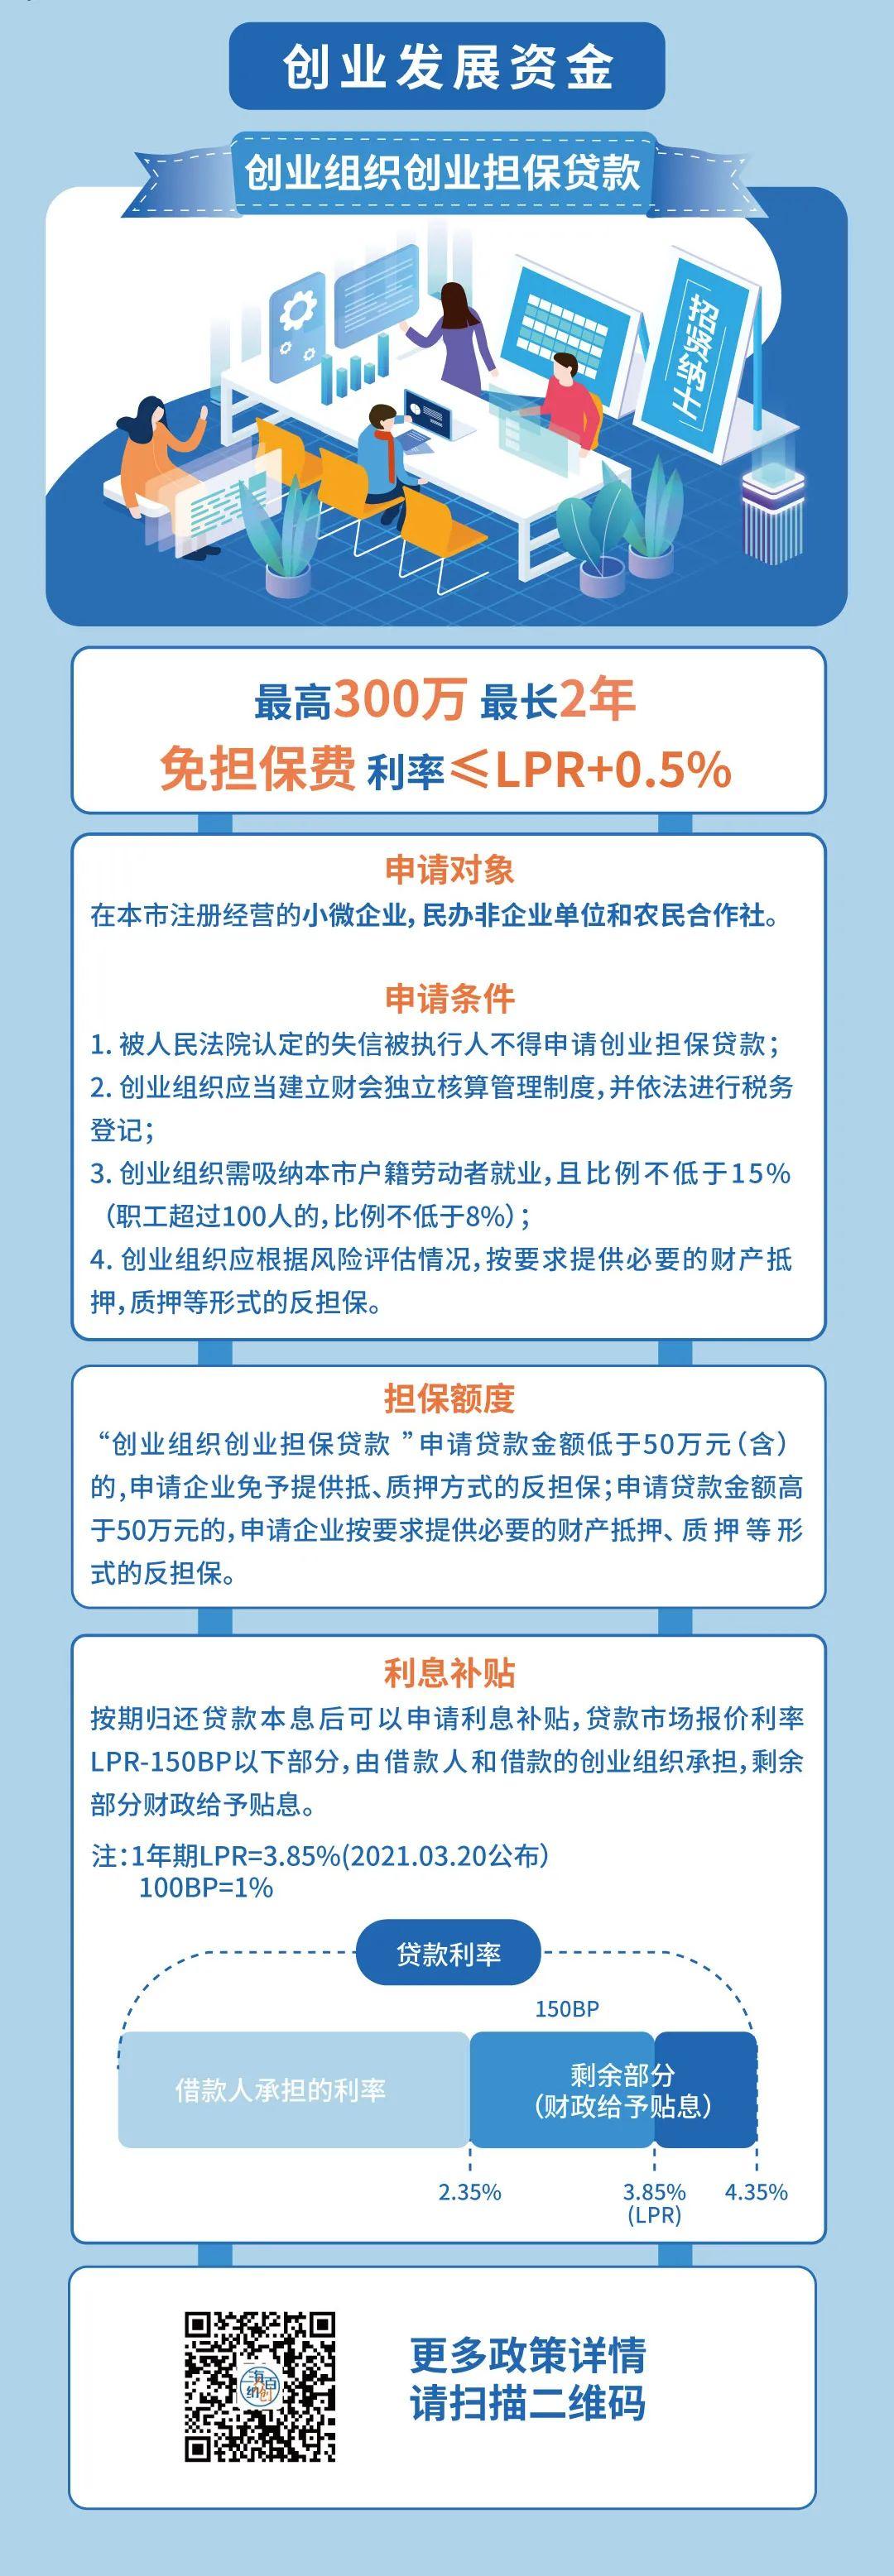 创业担保政策3.jpg